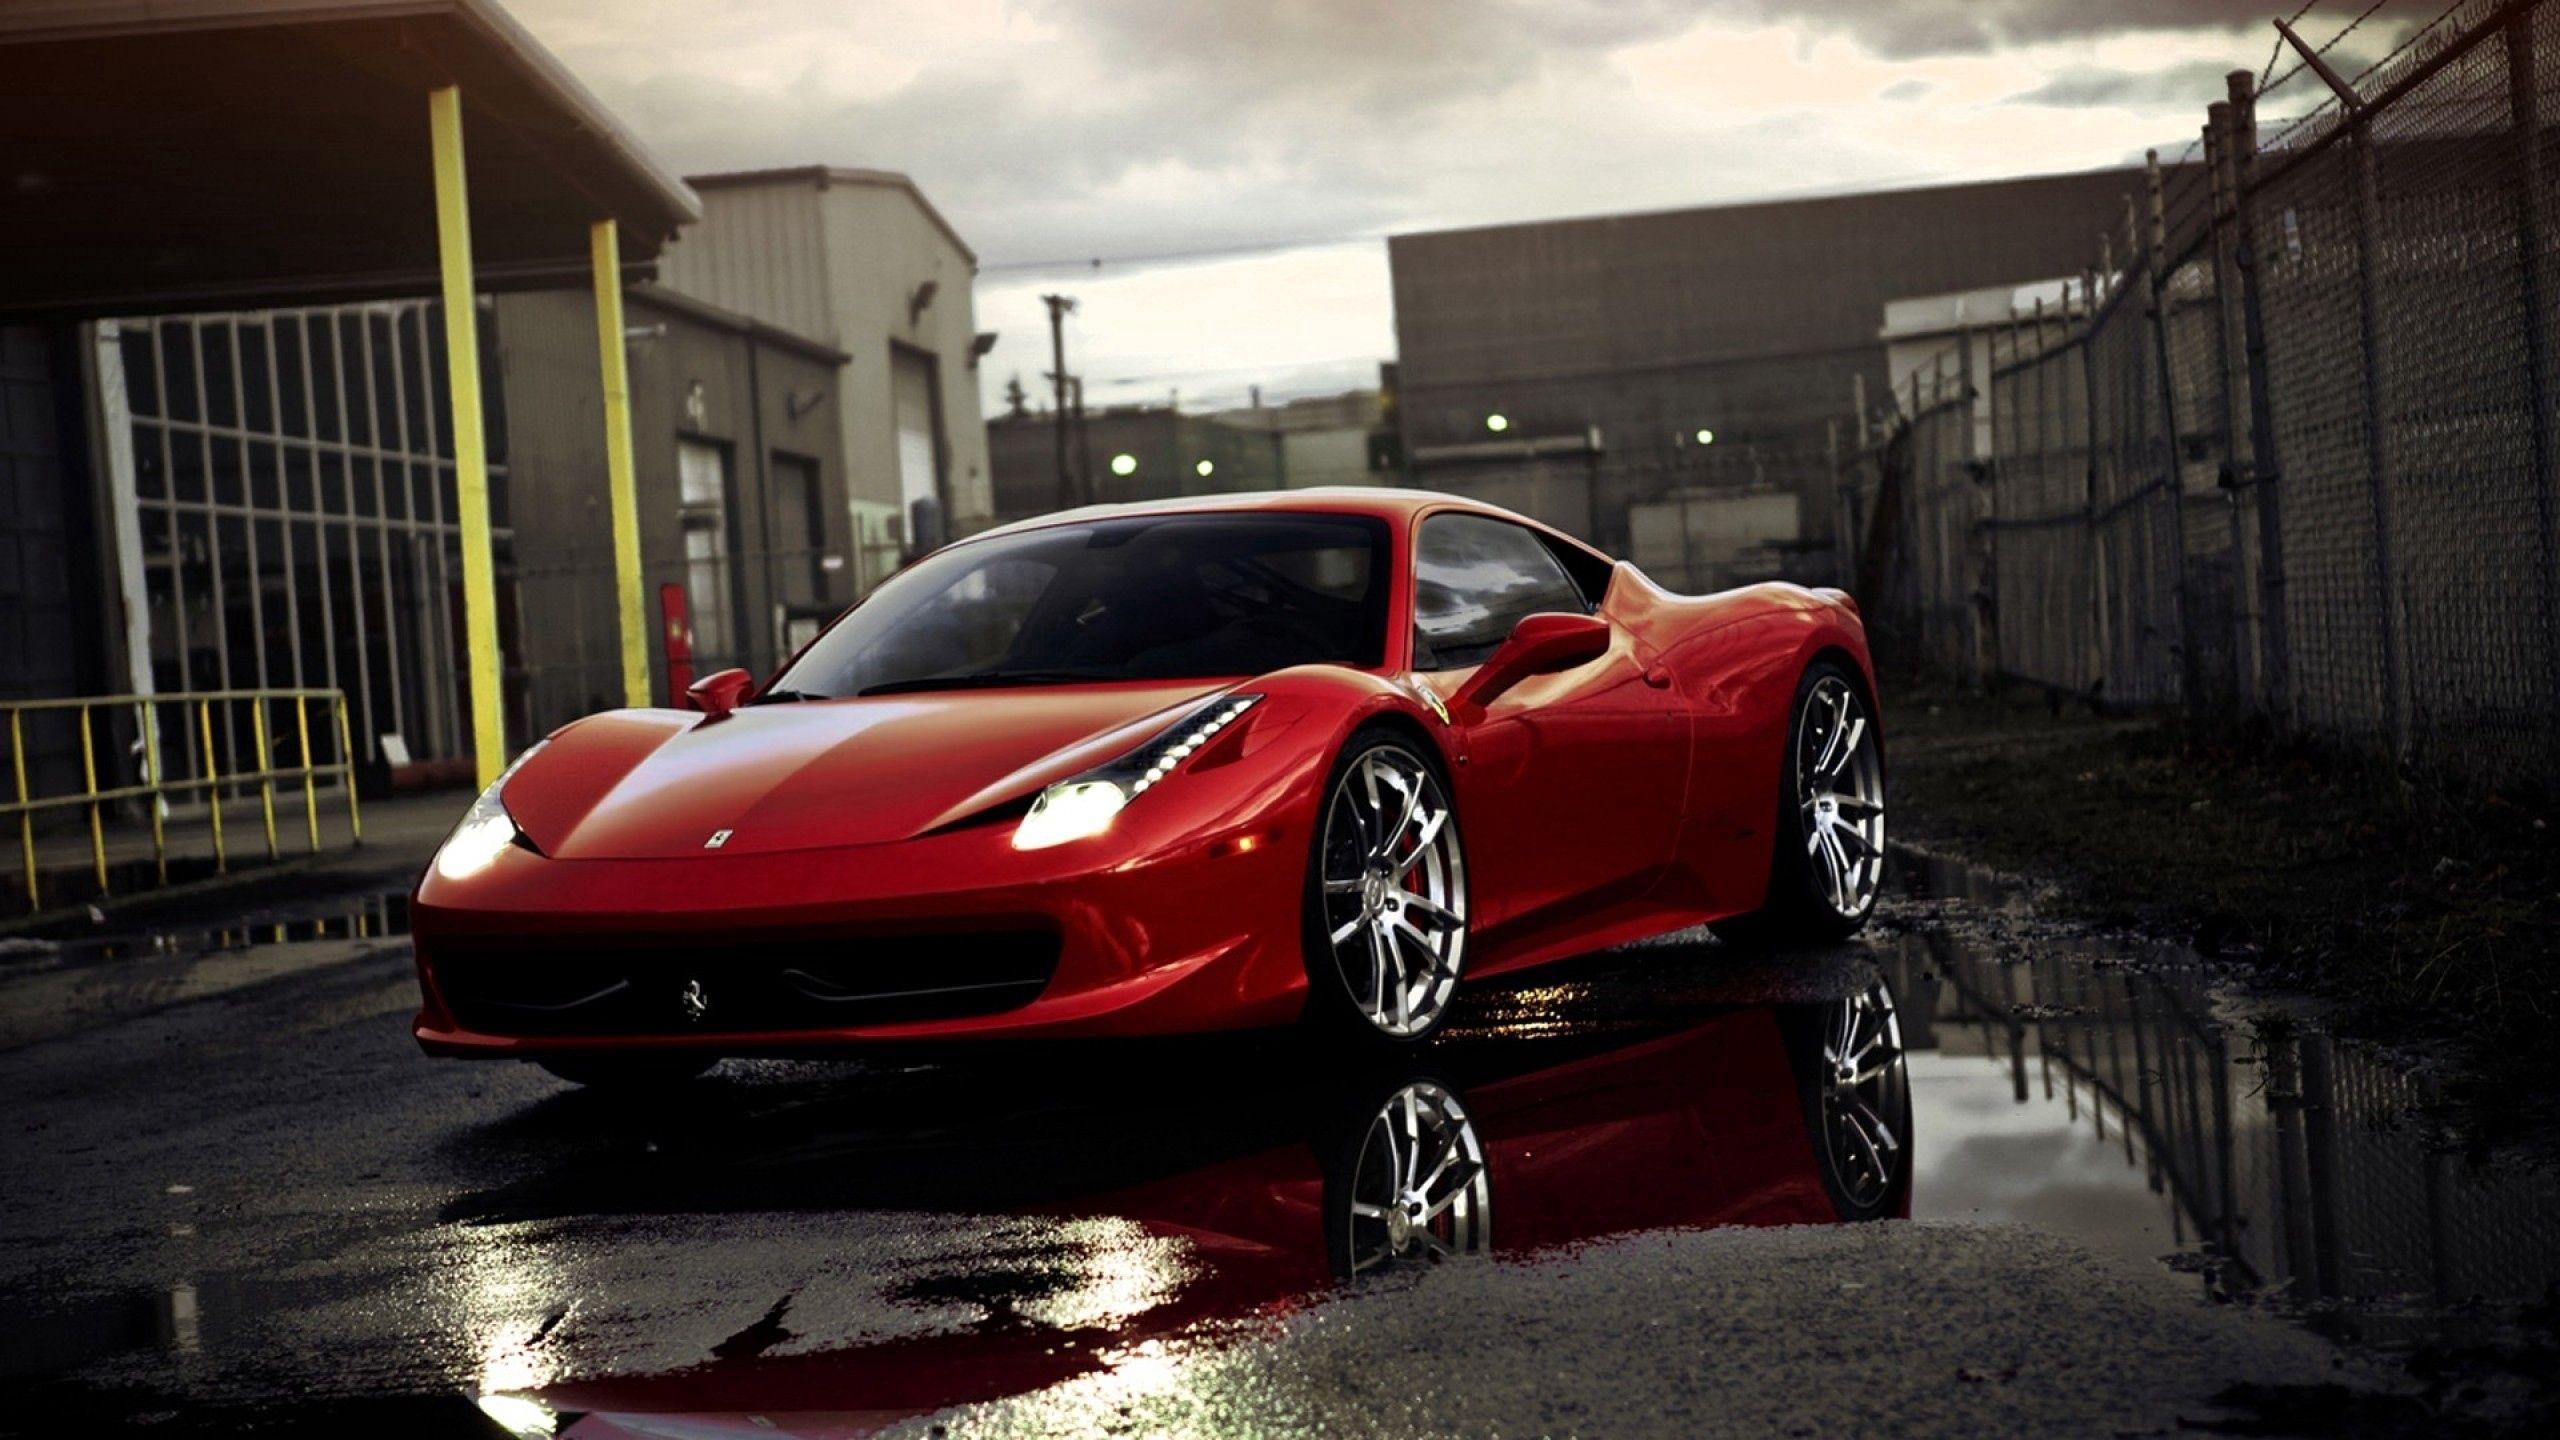 131327 papel de parede 720x1280 em seu telefone gratuitamente, baixe imagens Ferrari, Carros, Reflexão 720x1280 em seu celular